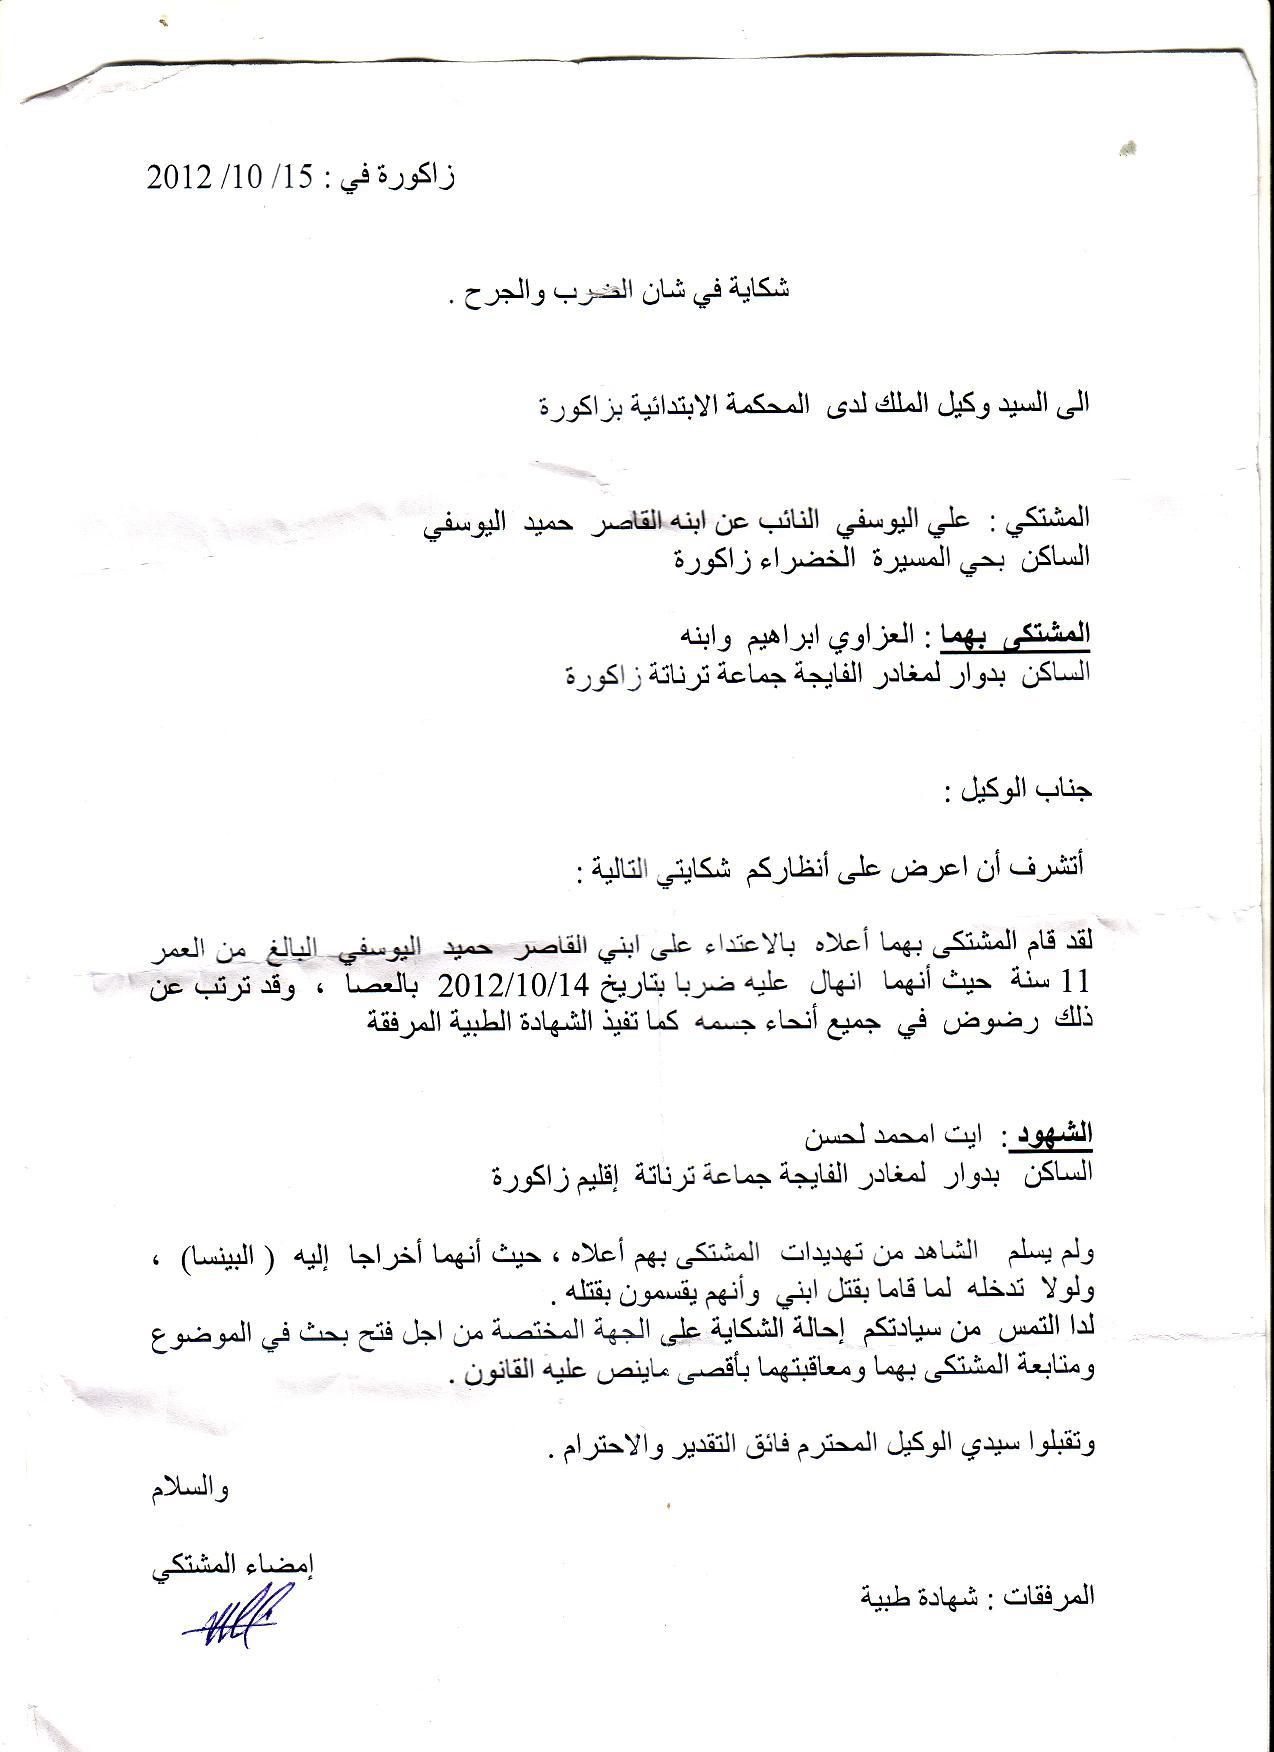 مواطن يشكو مستشار جماعي بترناتة لإعتدائه على ابنه القاصر بالضرب المبرح بالعصا